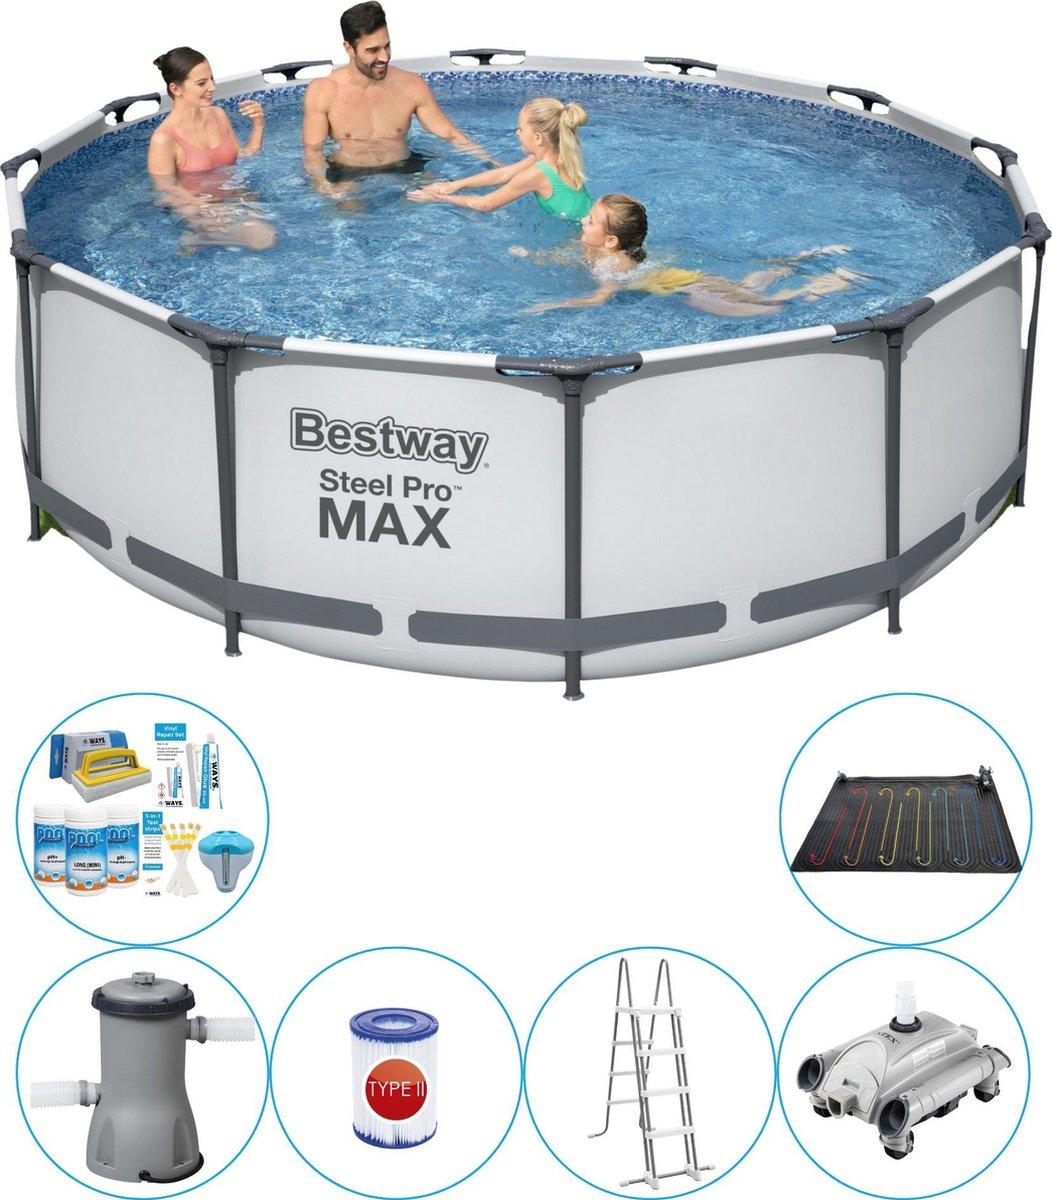 Bestway Steel Pro MAX Rond 366x100 cm - 7-delig - Zwembad Inclusief Accessoires